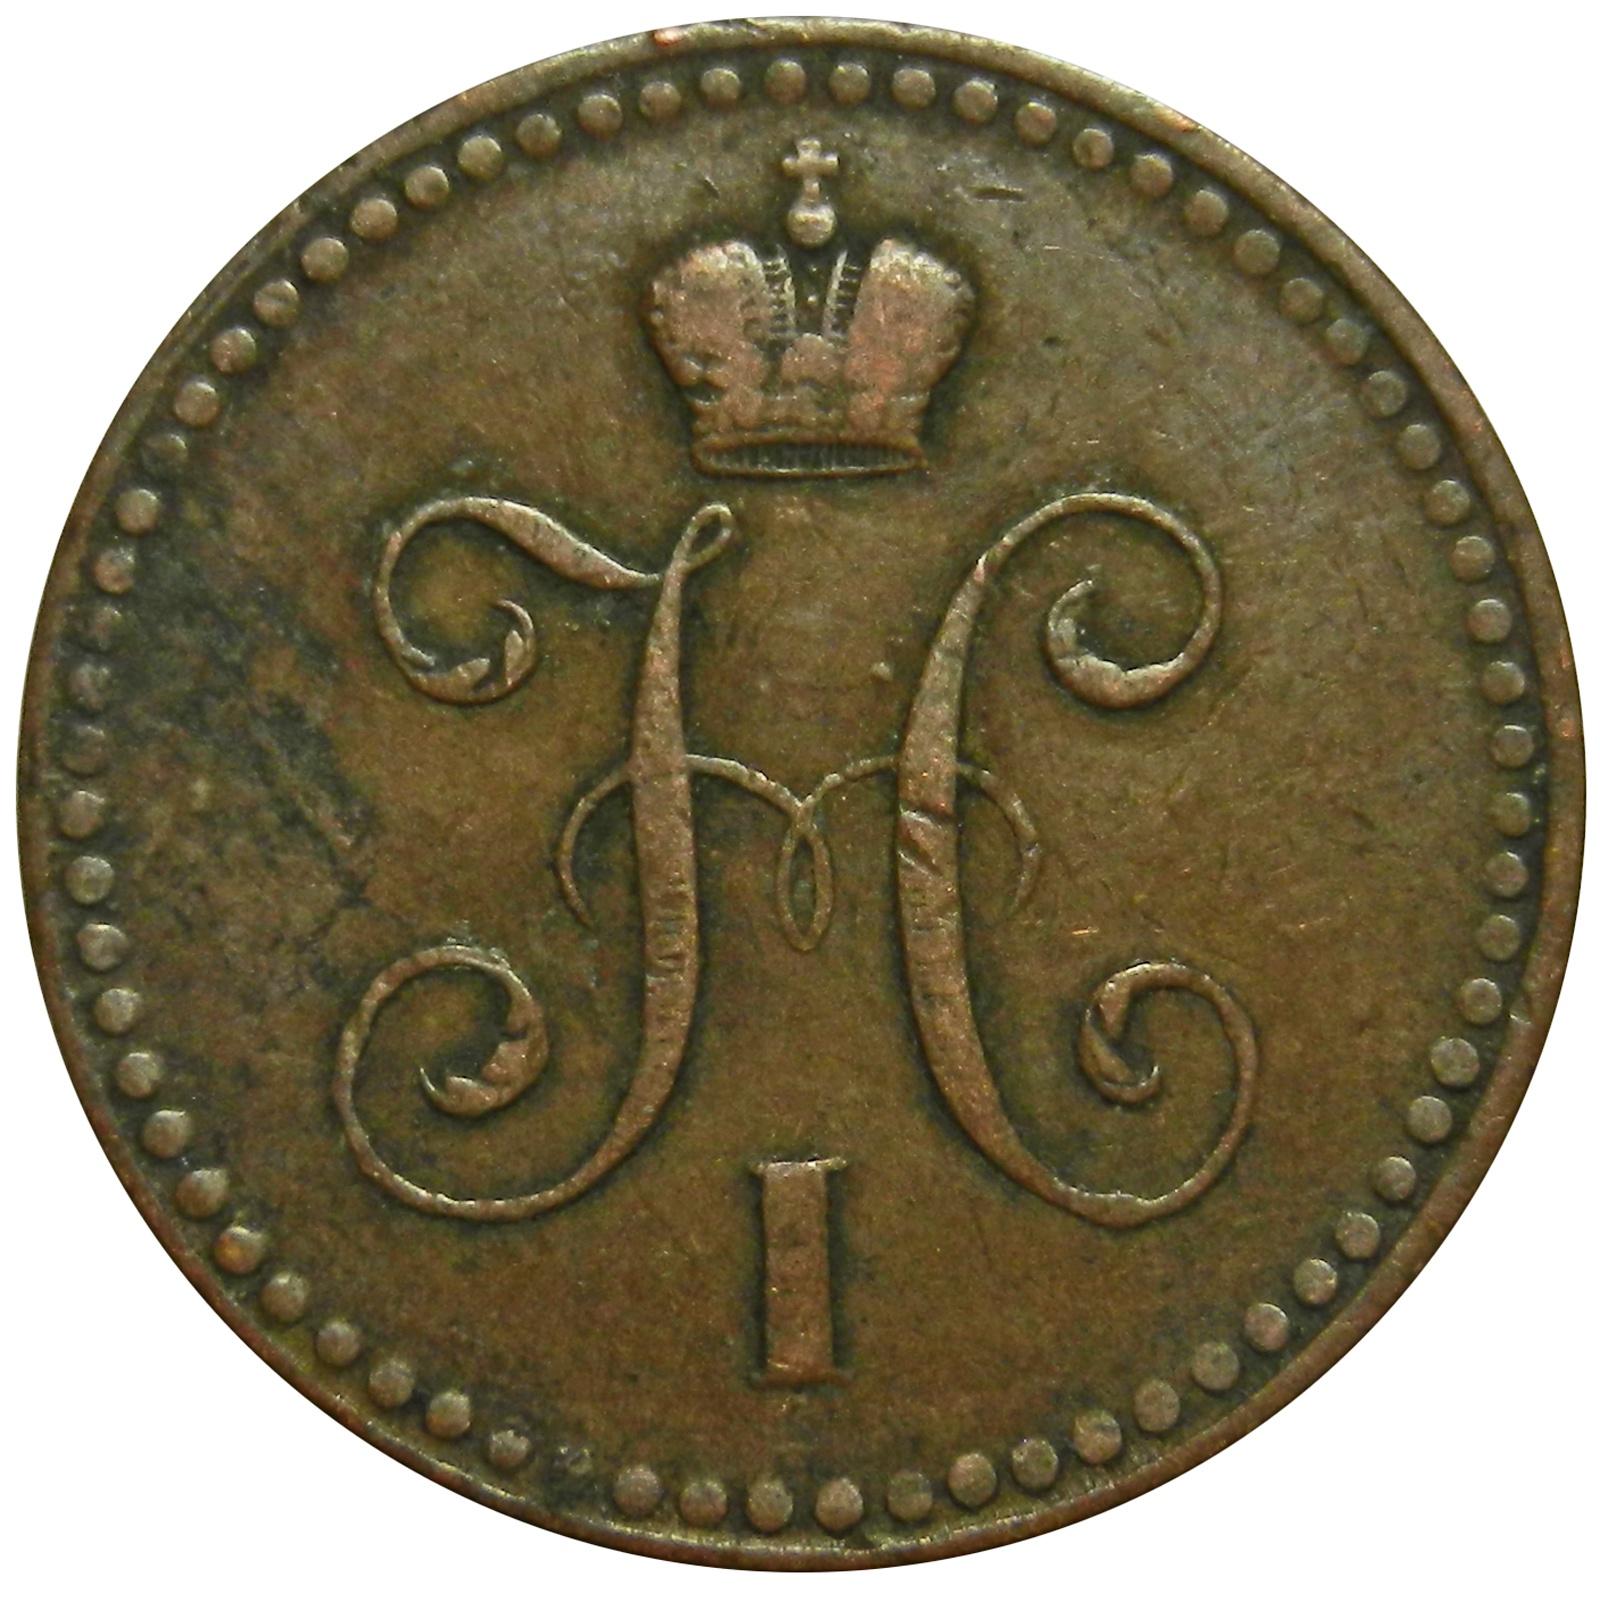 Монета 1 копейка серебром. Медь. Российская Империя, СПМ, 1841 год (XF) монета 1 копейка серебром медь российская империя 1840 год спм xf